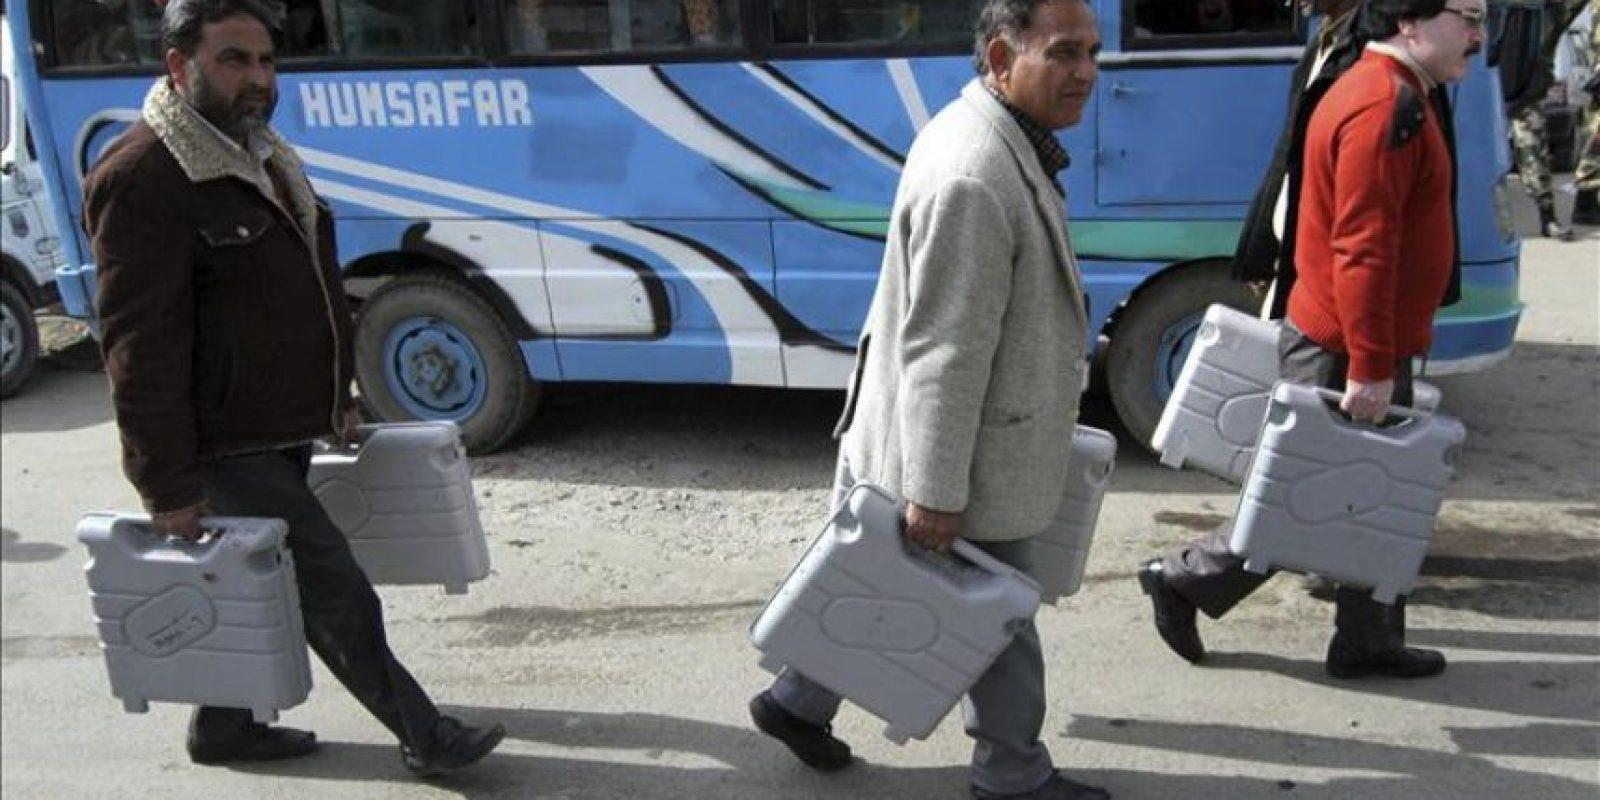 Oficiales electorales trasladan máquinas de voto electrónico en Jamu, capital de invierno de la Cachemira India. EFE/Archivo